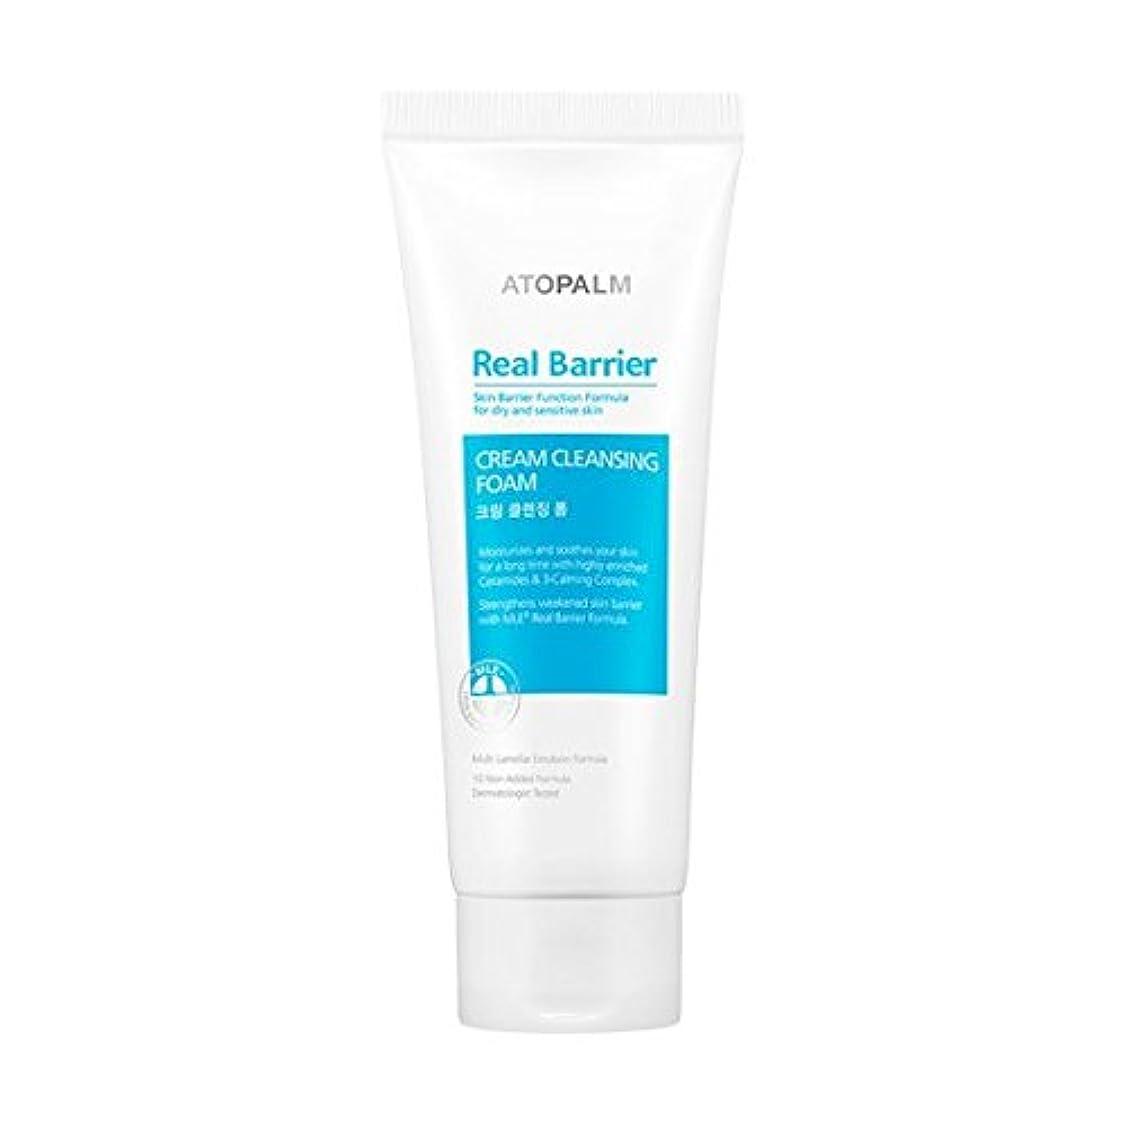 不正確褒賞進化[Atopalm (韓国コスメ アトパーム)] Real barrier cream cleansing foam (150g) リアルバリアクリームクレンジング?フォーム[並行輸入品][海外直送品]